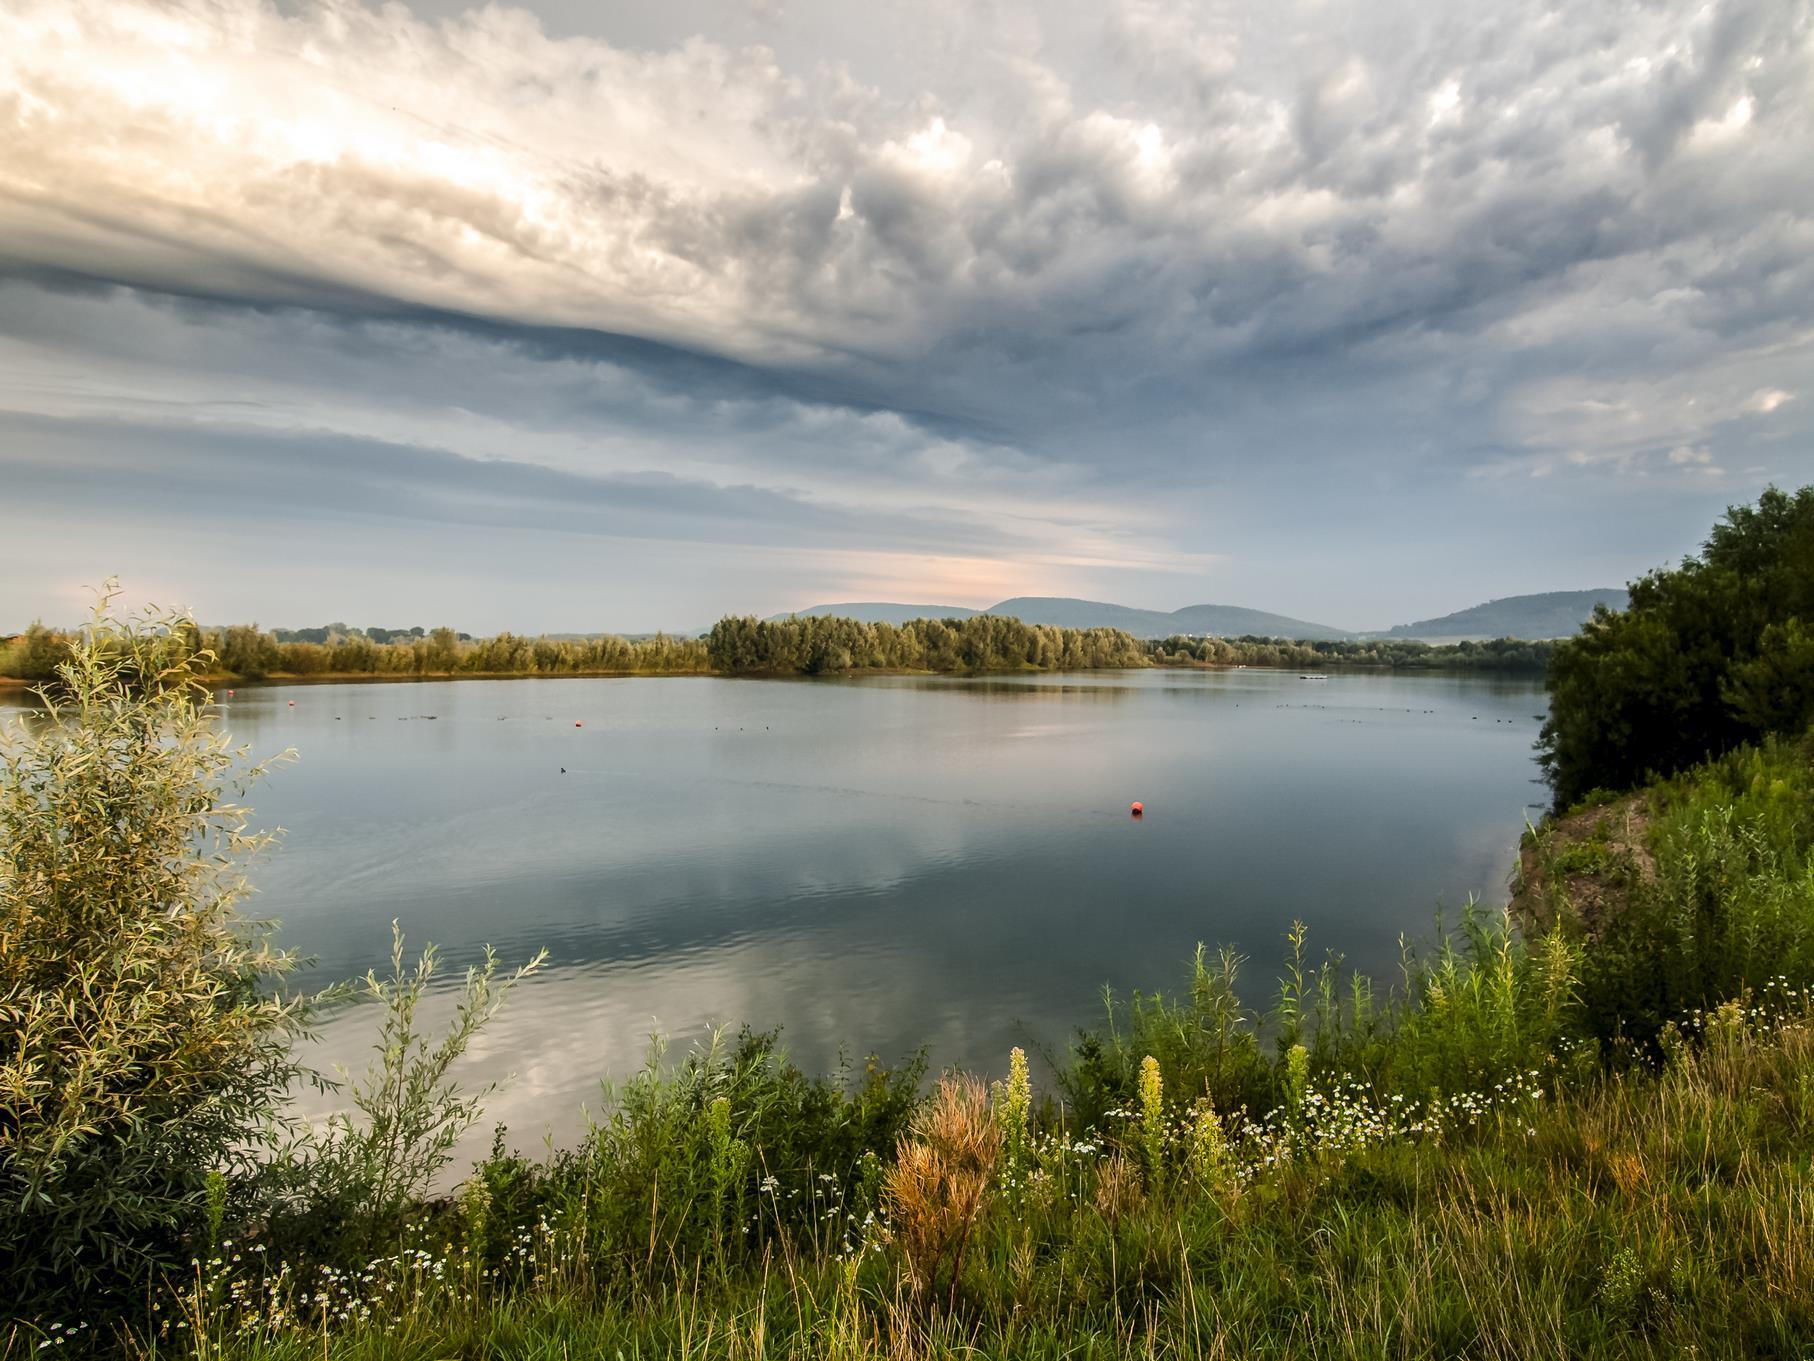 Die Wolken sorgen für eine besondere Stimmung im Naturschutzgebiet.